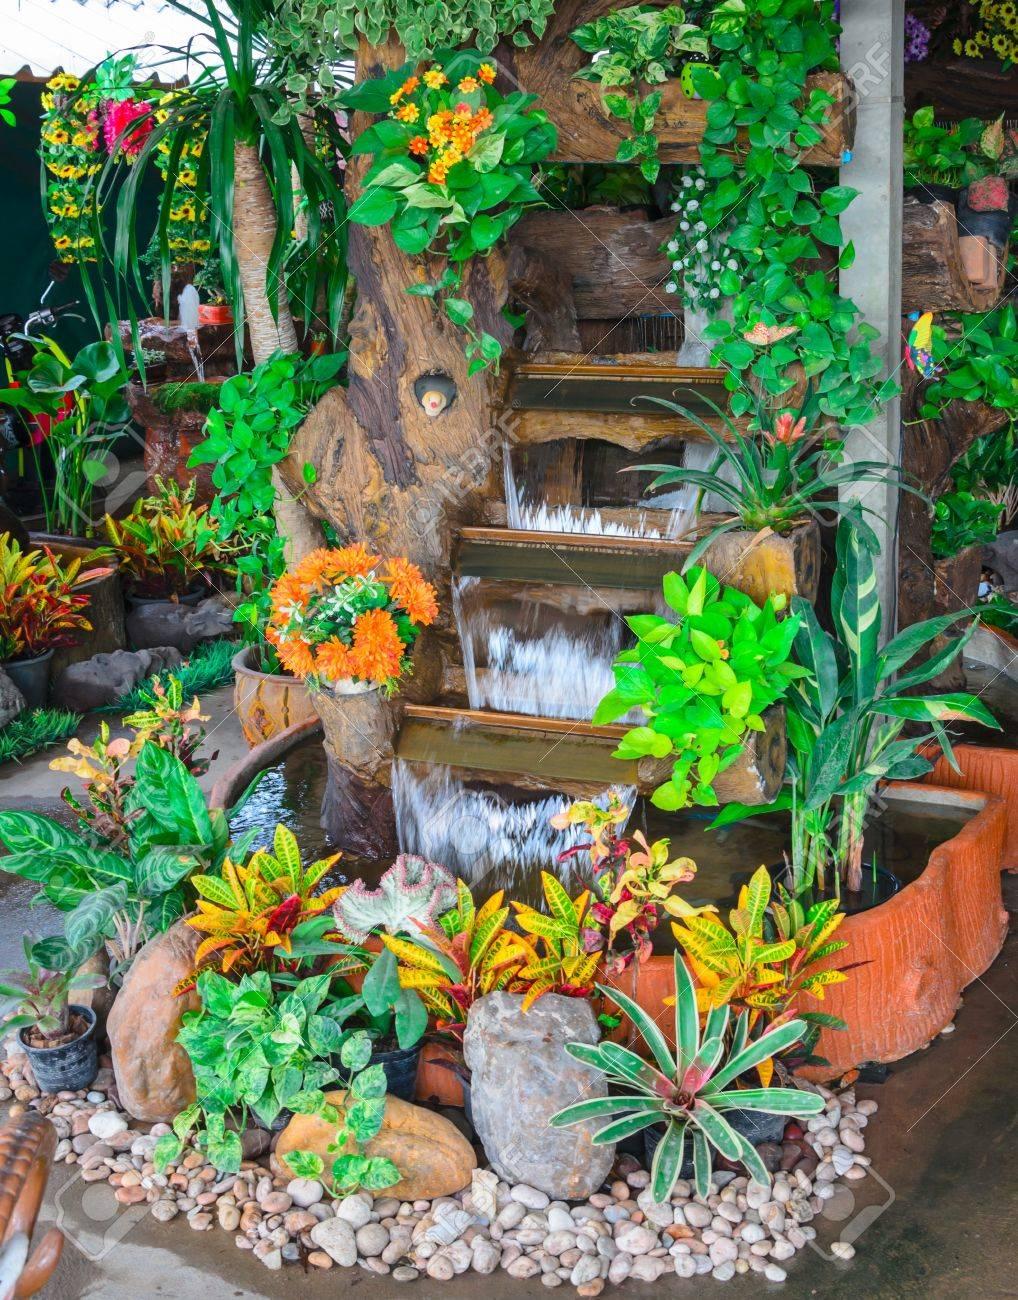 Decoracion Al Aire Libre Fuentes De Agua Del Jardin Fotos Retratos - Fuentes-agua-jardin